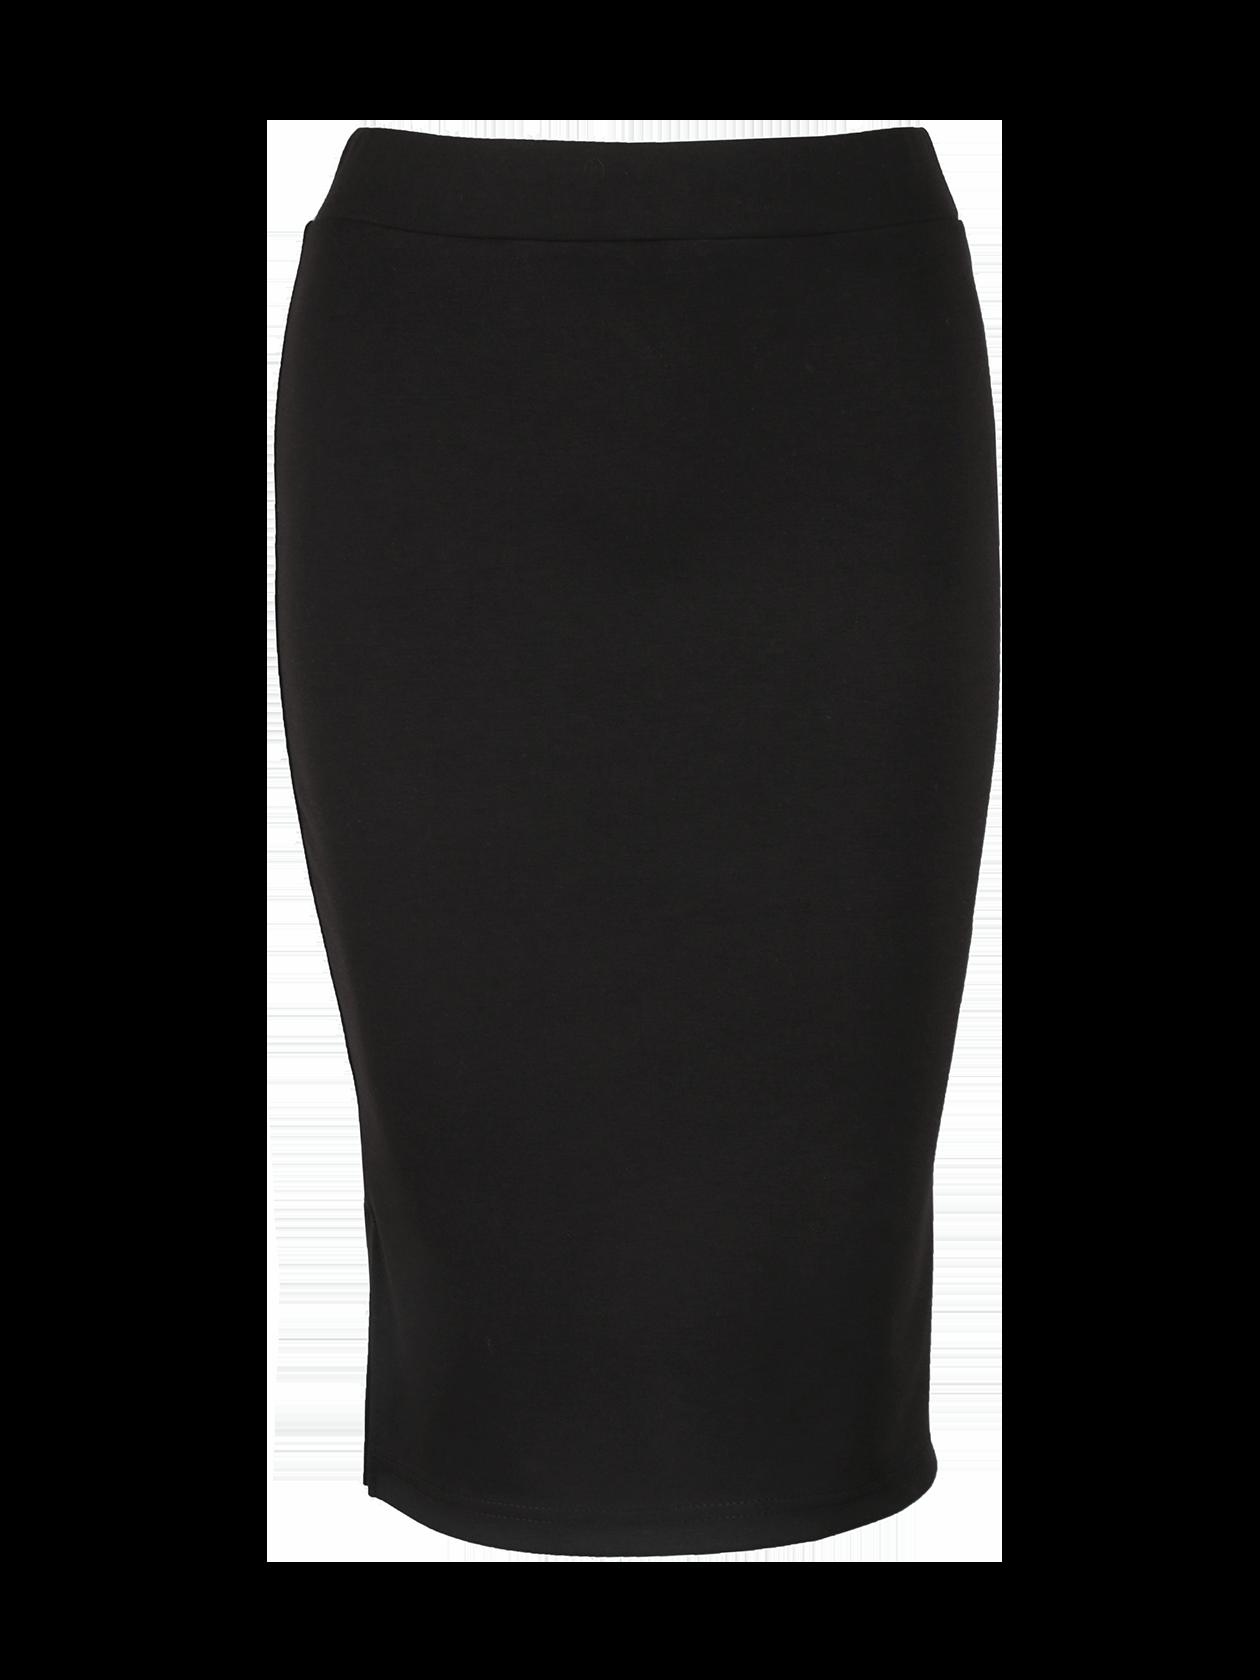 Юбка женская QUEEN 13Юбка женская Queen 13 – стильная вещь для повседневного гардероба из коллекции Black Star Wear. Классический дизайн, силуэт «карандаш», длина изделия – до колен. Модель представлена в практичной черной расцветке, сочетающейся с любой другой цветовой гаммой. Юбка дополнена фиксирующим поясом средней ширины. Изделие сшито из высококачественного материала, обладающего высокой износостойкостью. Подходит для любого типа фигуры.&amp;nbsp;<br><br>Размер: S<br>Цвет: Черный<br>Пол: Женский